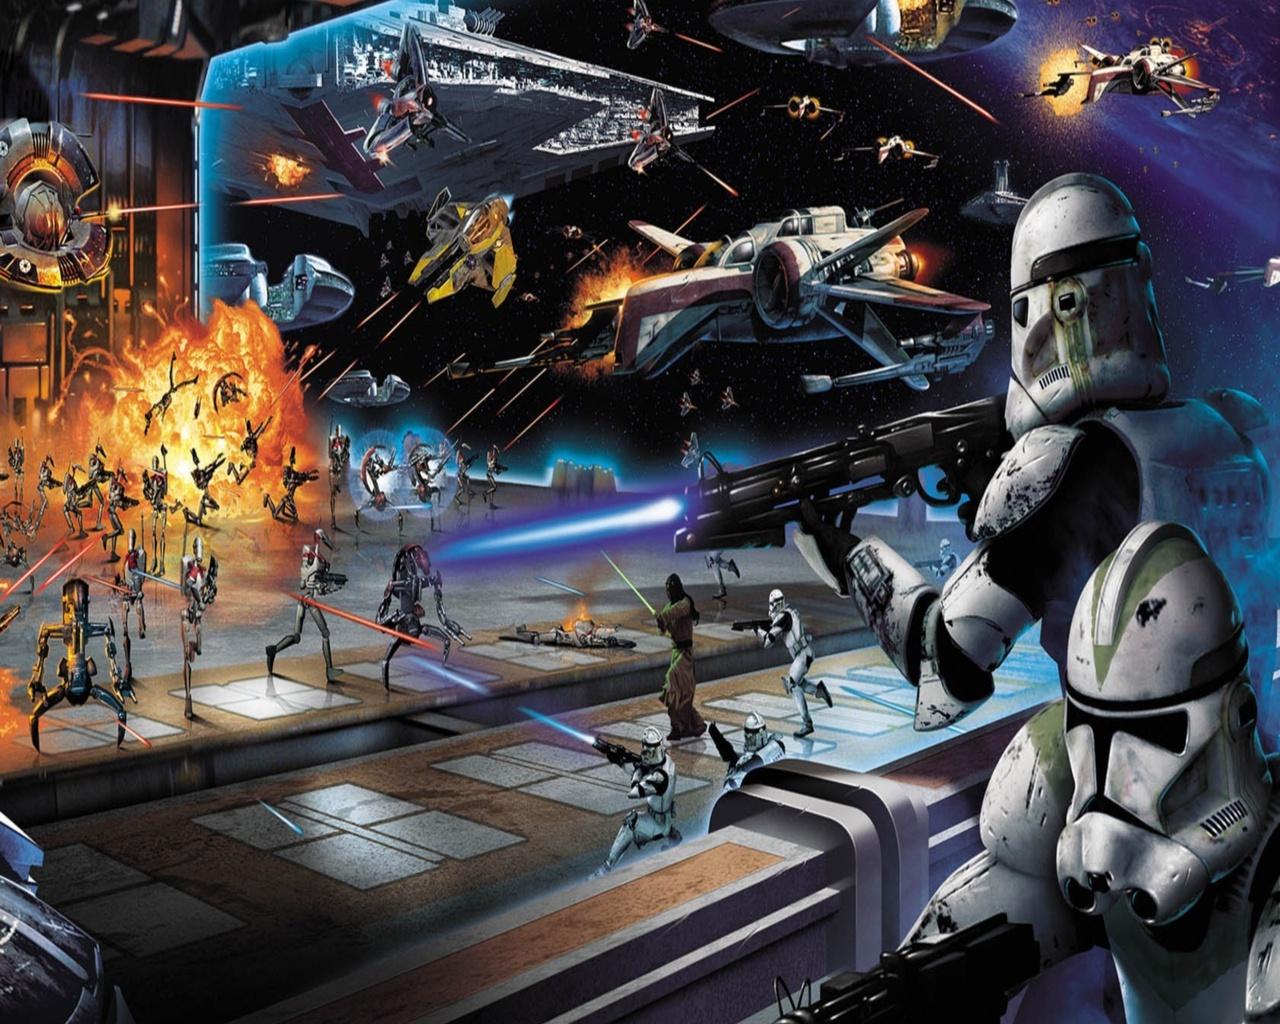 Star wars battlefront 2015 скачать торрент pc.